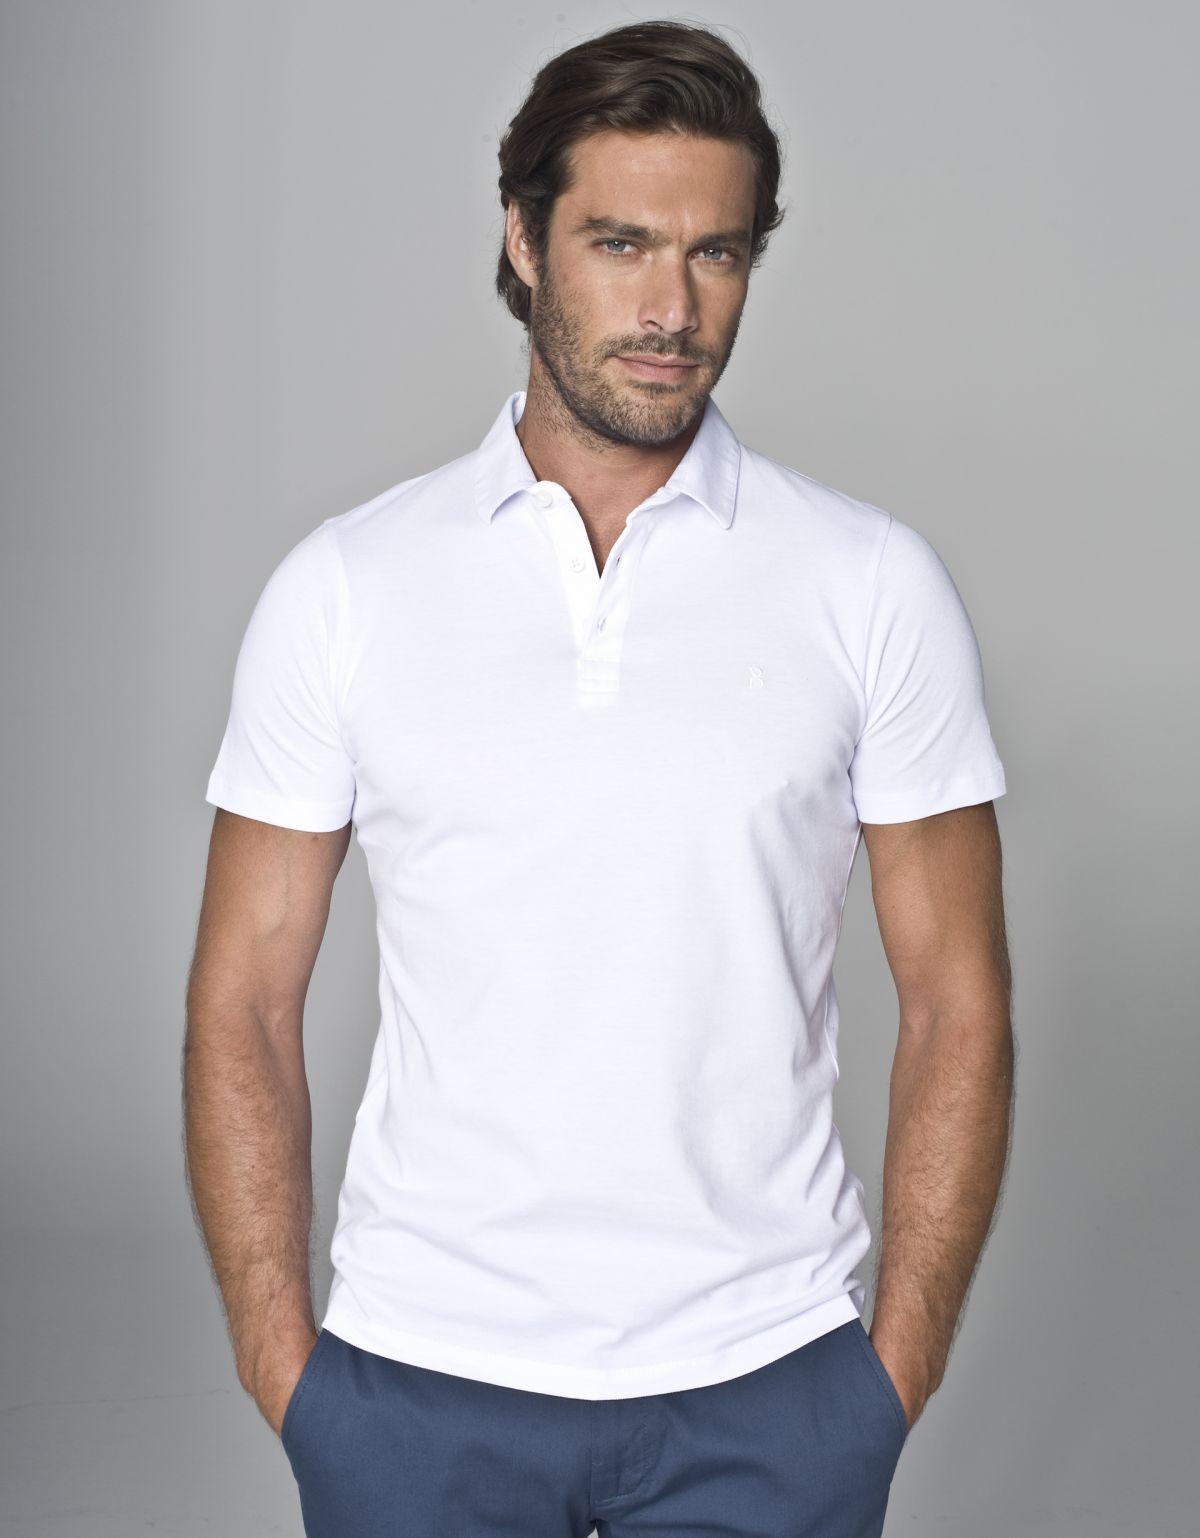 Ubiór na poprawiny dla mężczyzny – koszulka polo Lipari